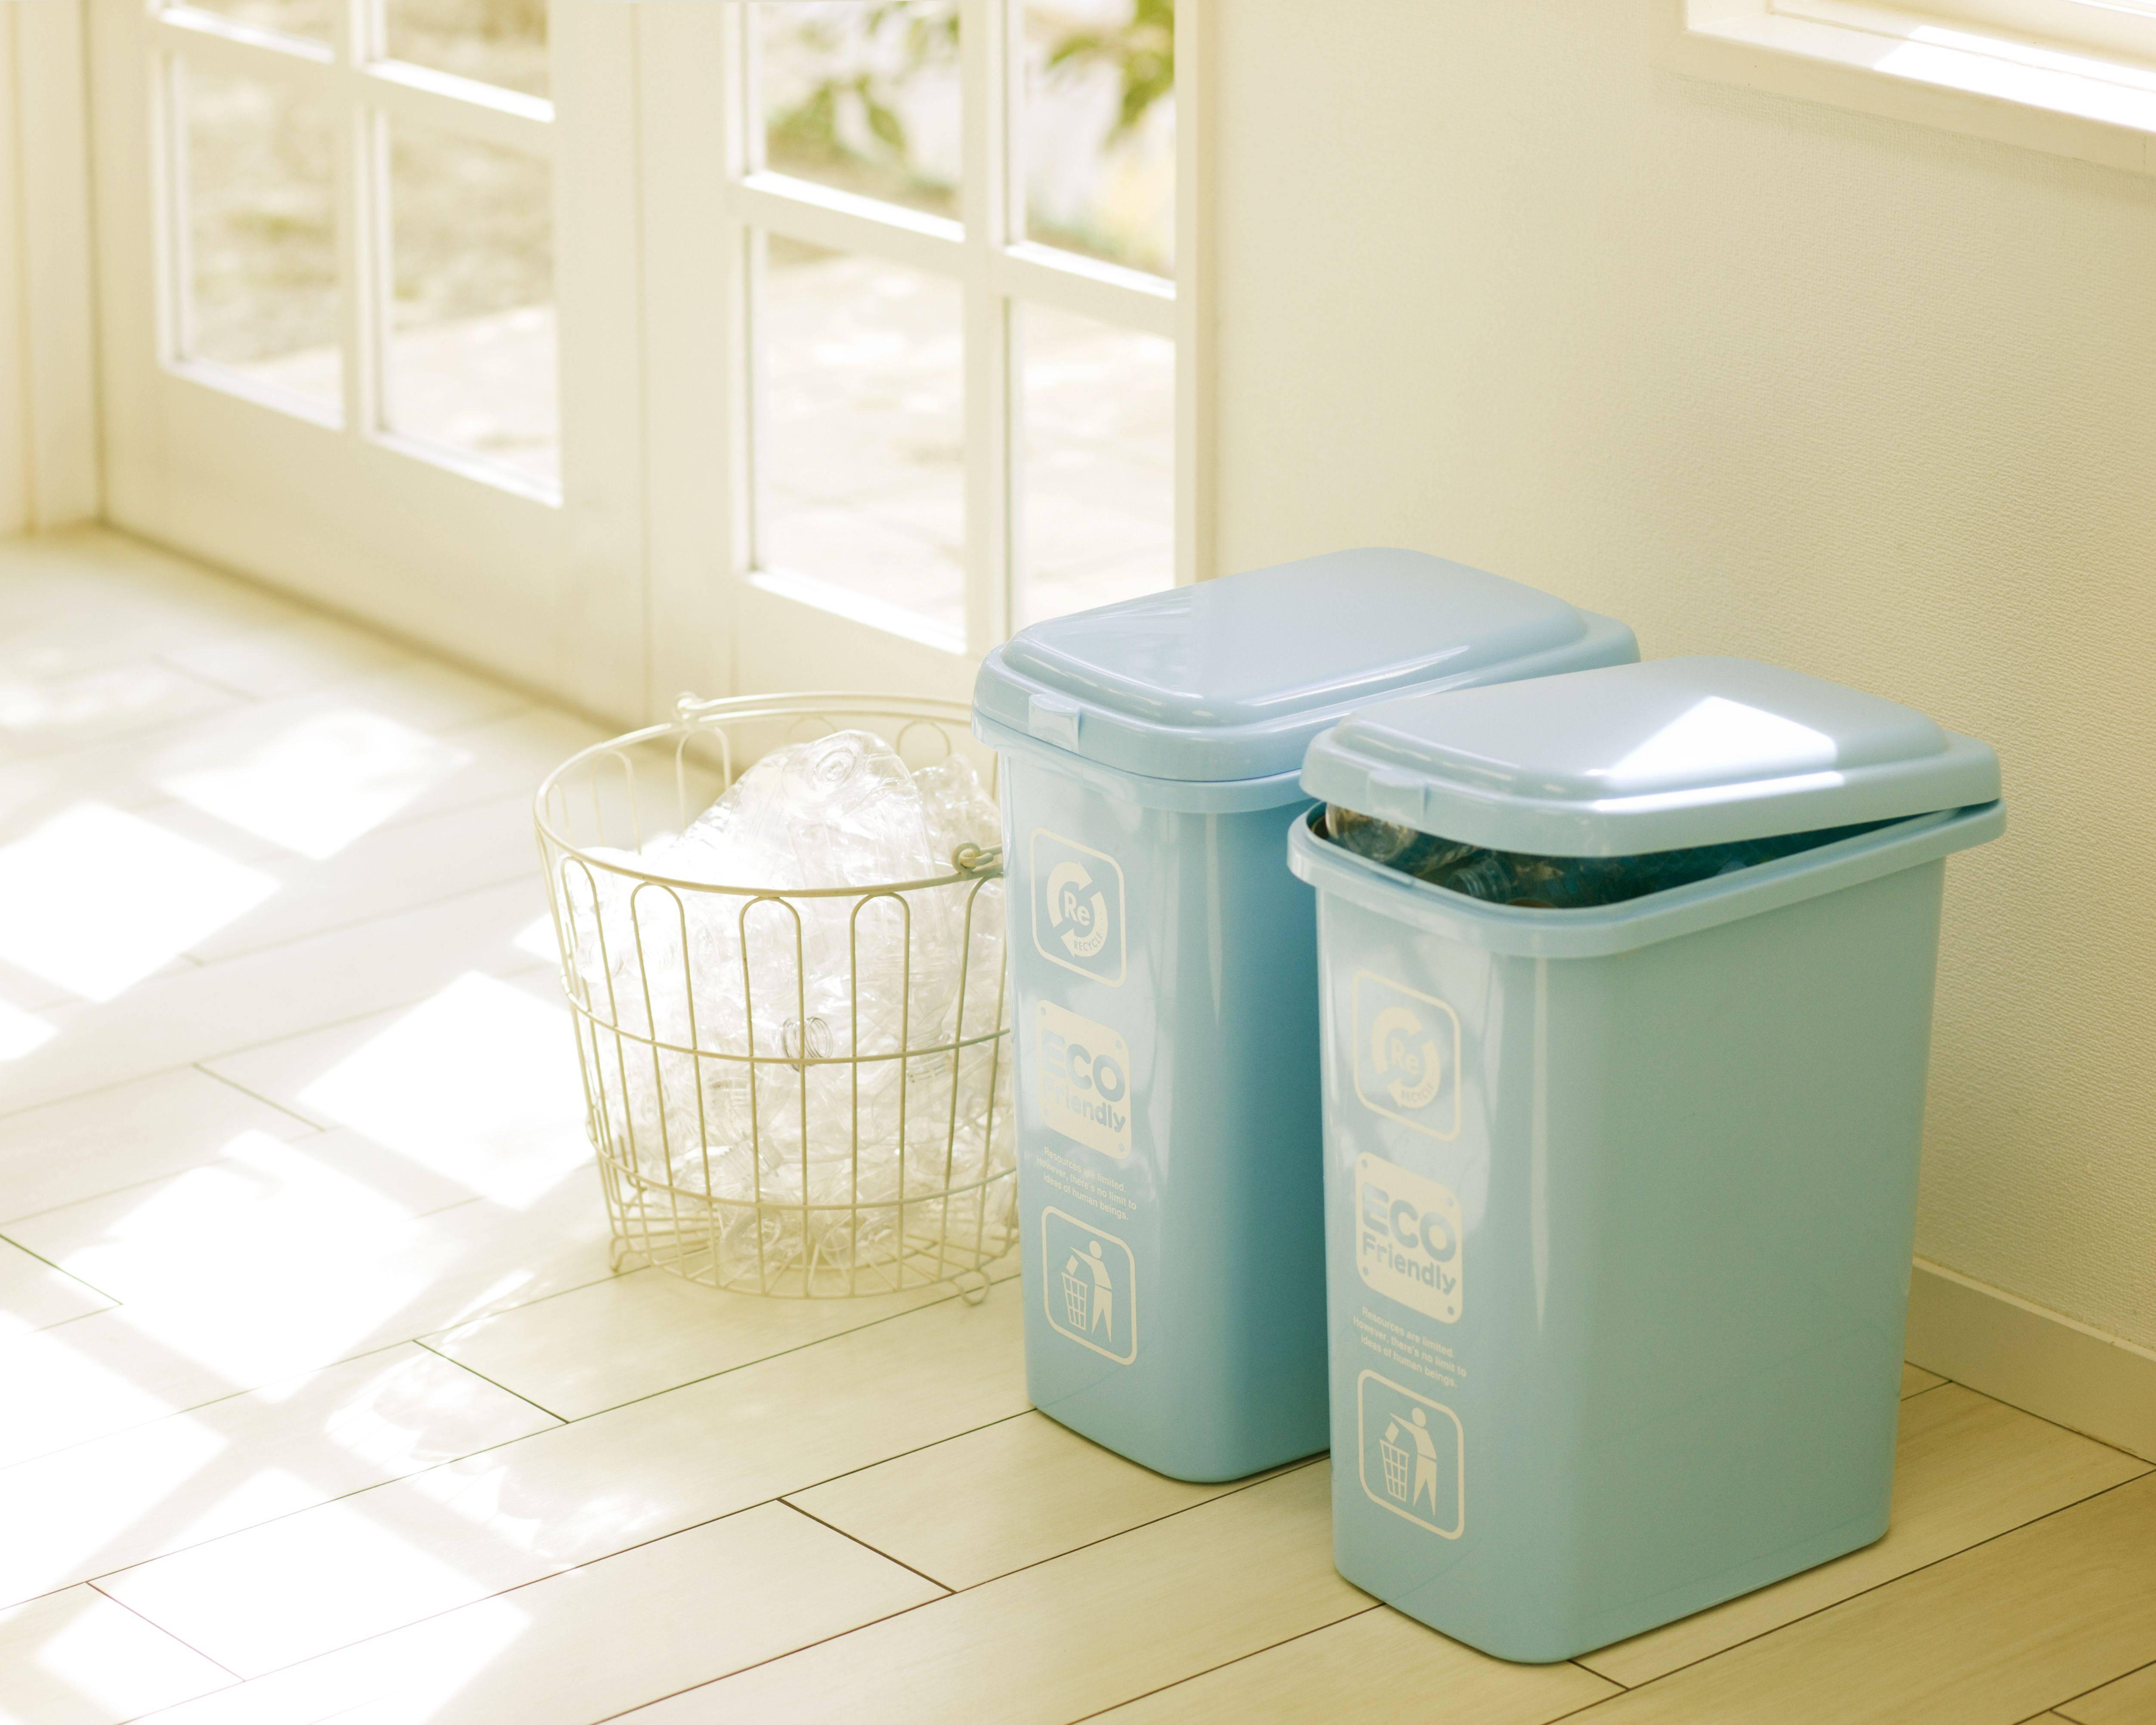 dustbin near door c5f9b584db